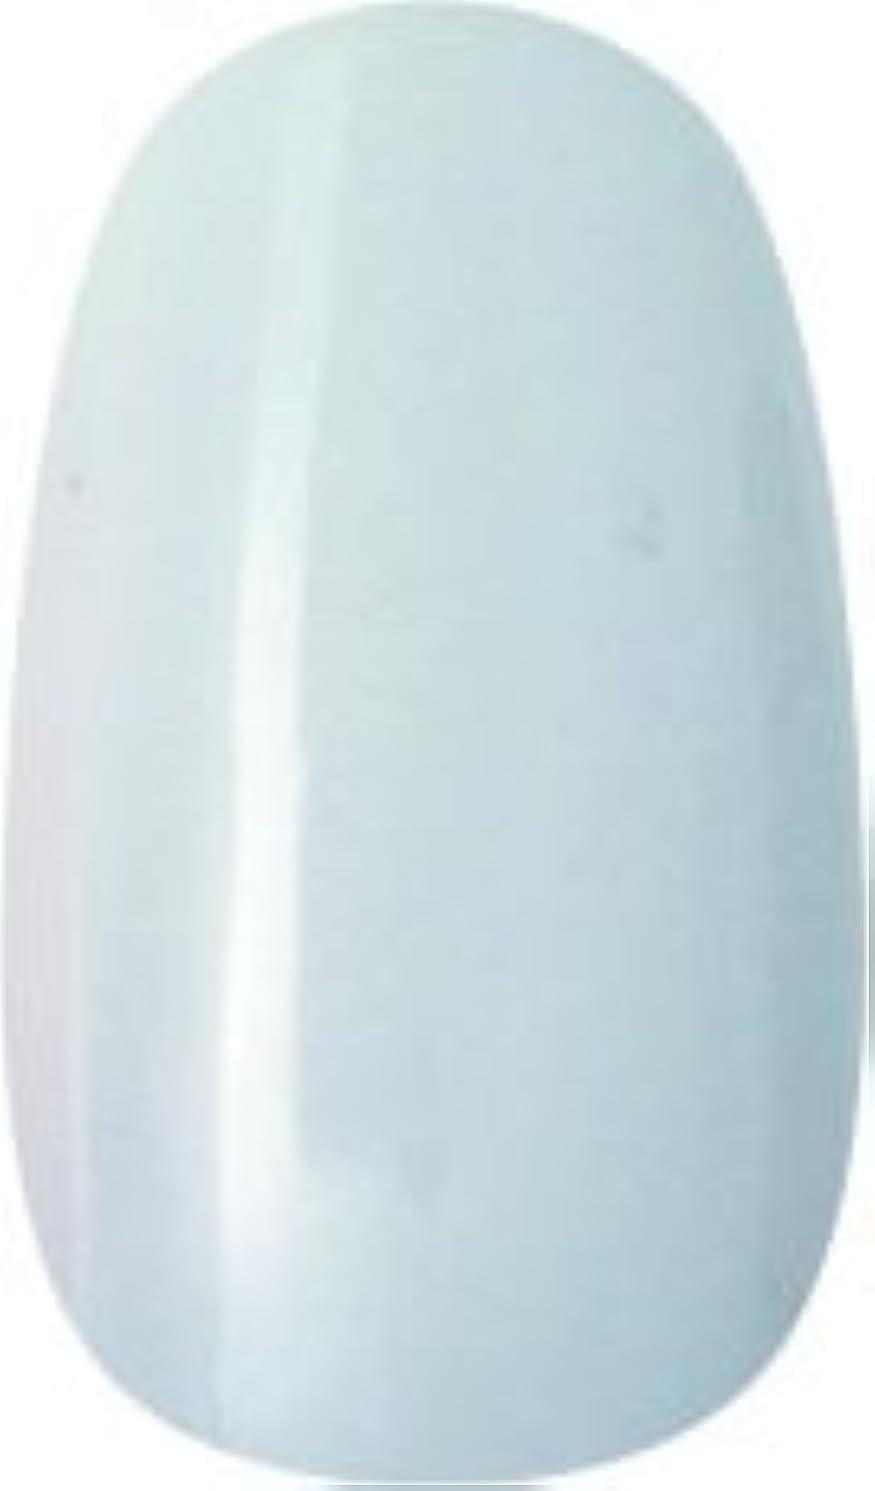 無数のによってロンドンラク カラージェル(67-アイスホワイト)8g 今話題のラクジェル 素早く仕上カラージェル 抜群の発色とツヤ 国産ポリッシュタイプ オールインワン ワンステップジェルネイル RAKU COLOR GEL #67